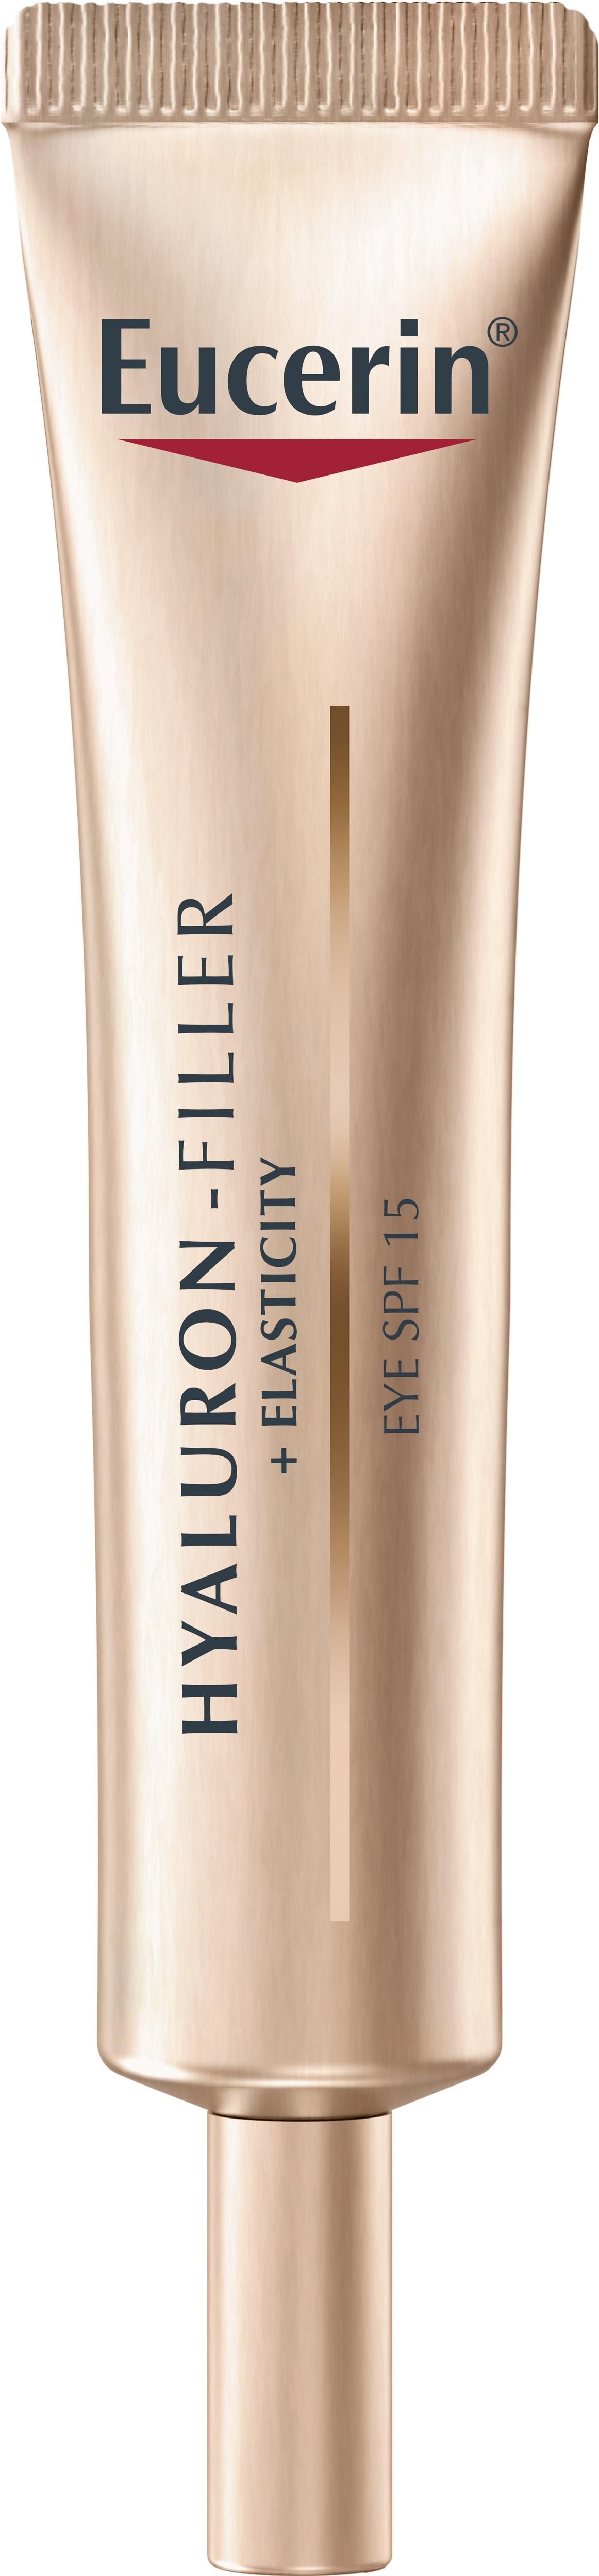 Eucerin Hyaluron-Filler + Elasticity Eye Cream SPF15, 15ml